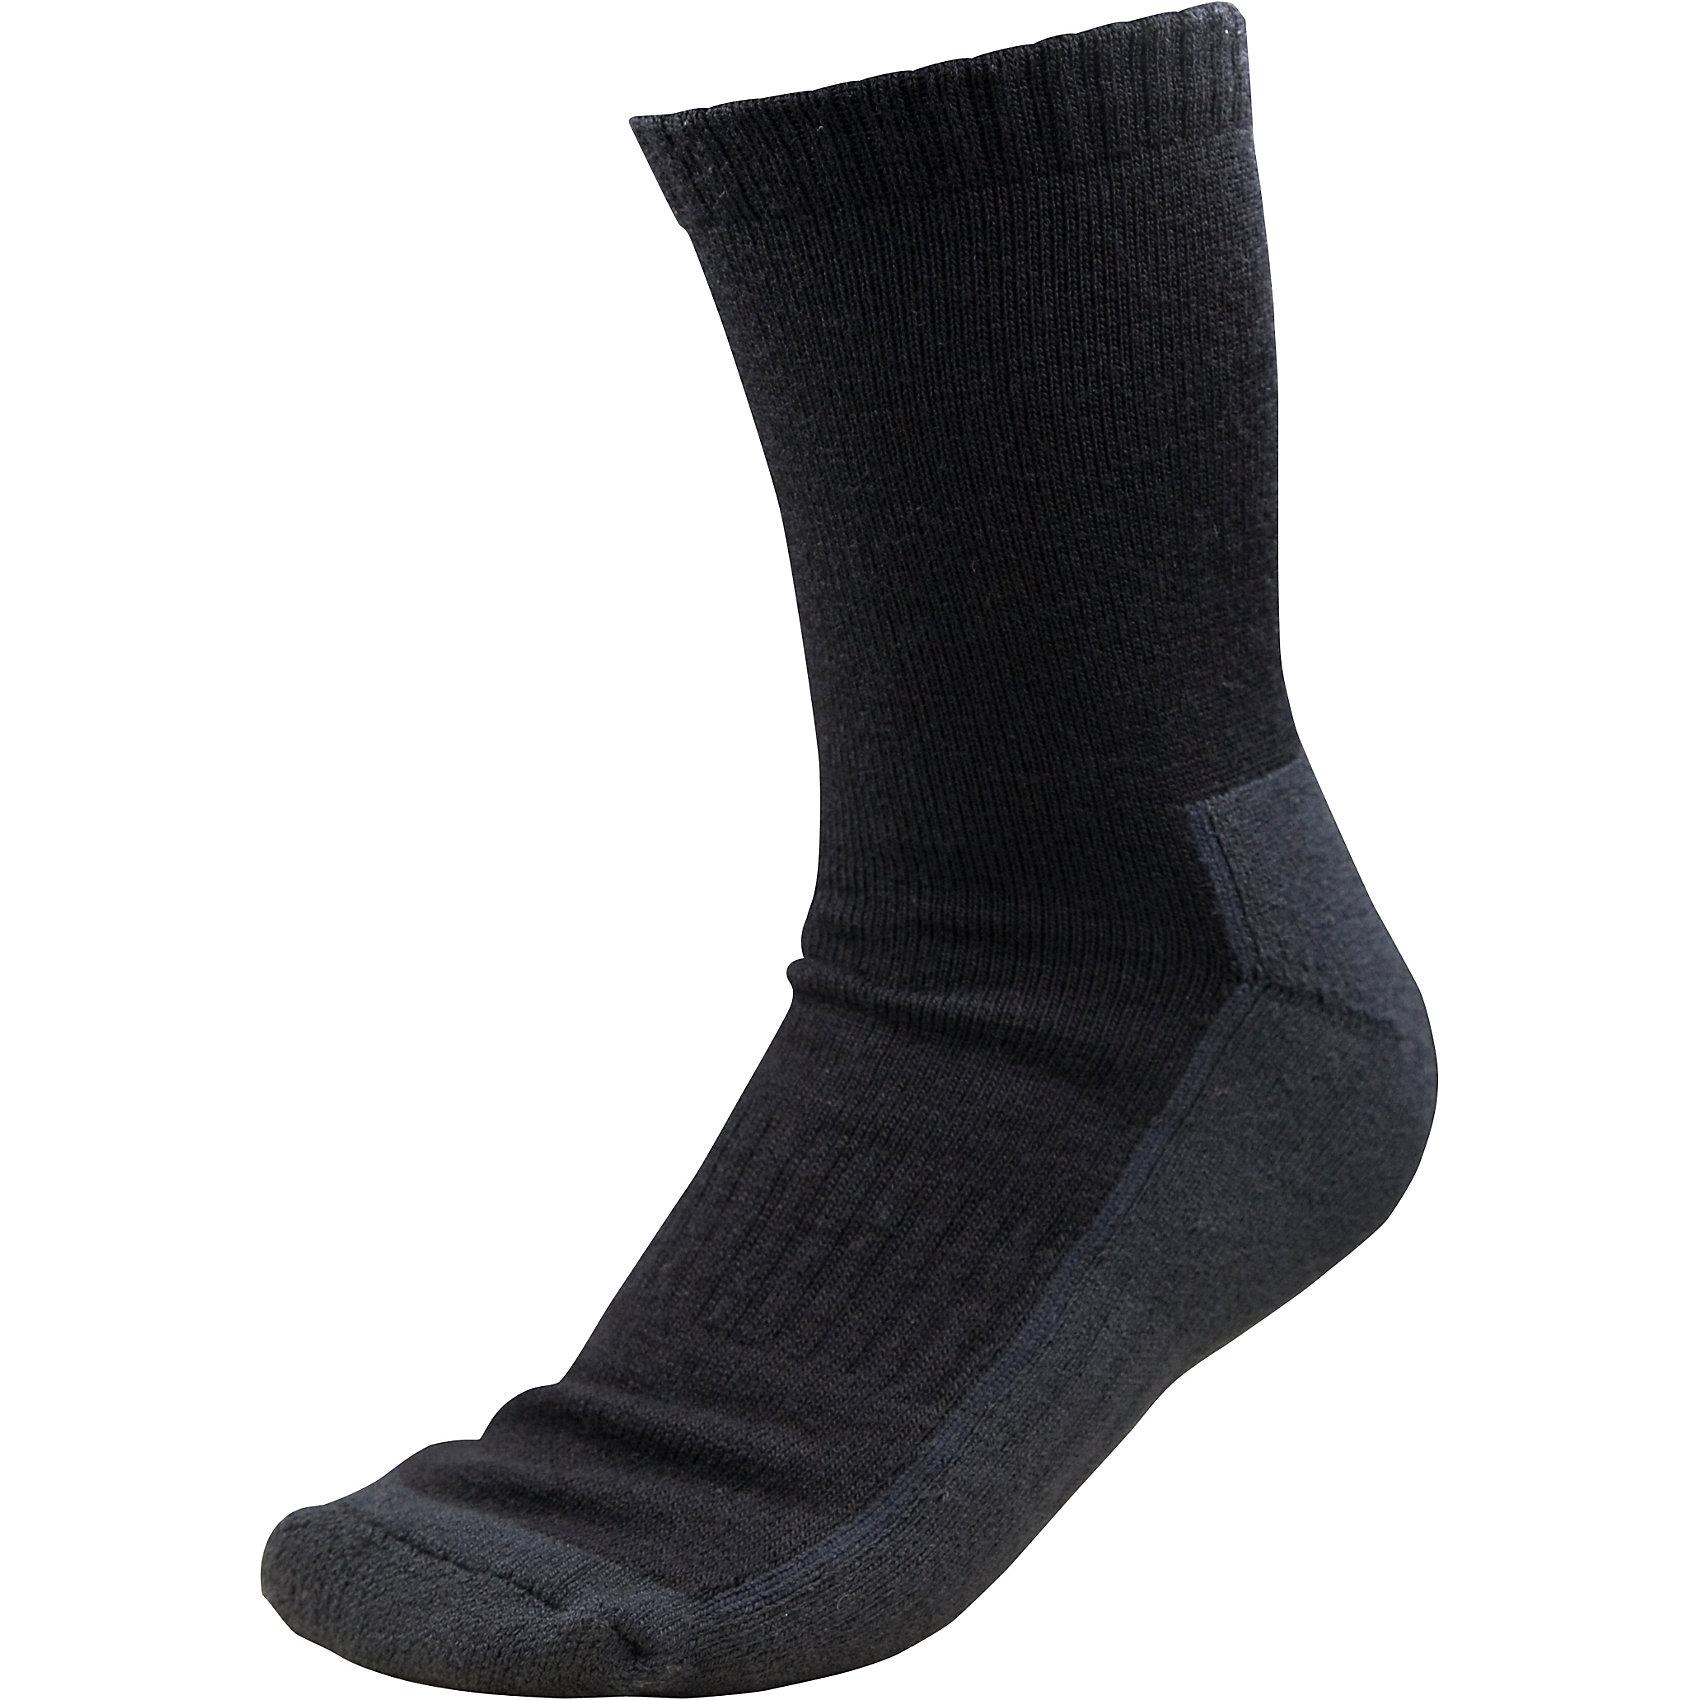 Носки Reise для мальчика ReimaОдежда<br>Носки  Reima<br>Носки для детей и подростков. Мягкий теплый футер с внутренней стороны для максимального комфорта. Накладки на ступнях, лодыжках и больших пальцах. Благодаря удлиненной вязаной резинке носок не съезжает. Быстро сохнет и сохраняет тепло. Материал Thermolite для интенсивной физической активности.<br>Уход:<br>0<br>Состав:<br>40% ШЕРСТЬ 48% ПЭ 10% ПА 2% ЭЛ<br><br>Ширина мм: 87<br>Глубина мм: 10<br>Высота мм: 105<br>Вес г: 115<br>Цвет: черный<br>Возраст от месяцев: 96<br>Возраст до месяцев: 120<br>Пол: Мужской<br>Возраст: Детский<br>Размер: 34,30,26,38<br>SKU: 4774950